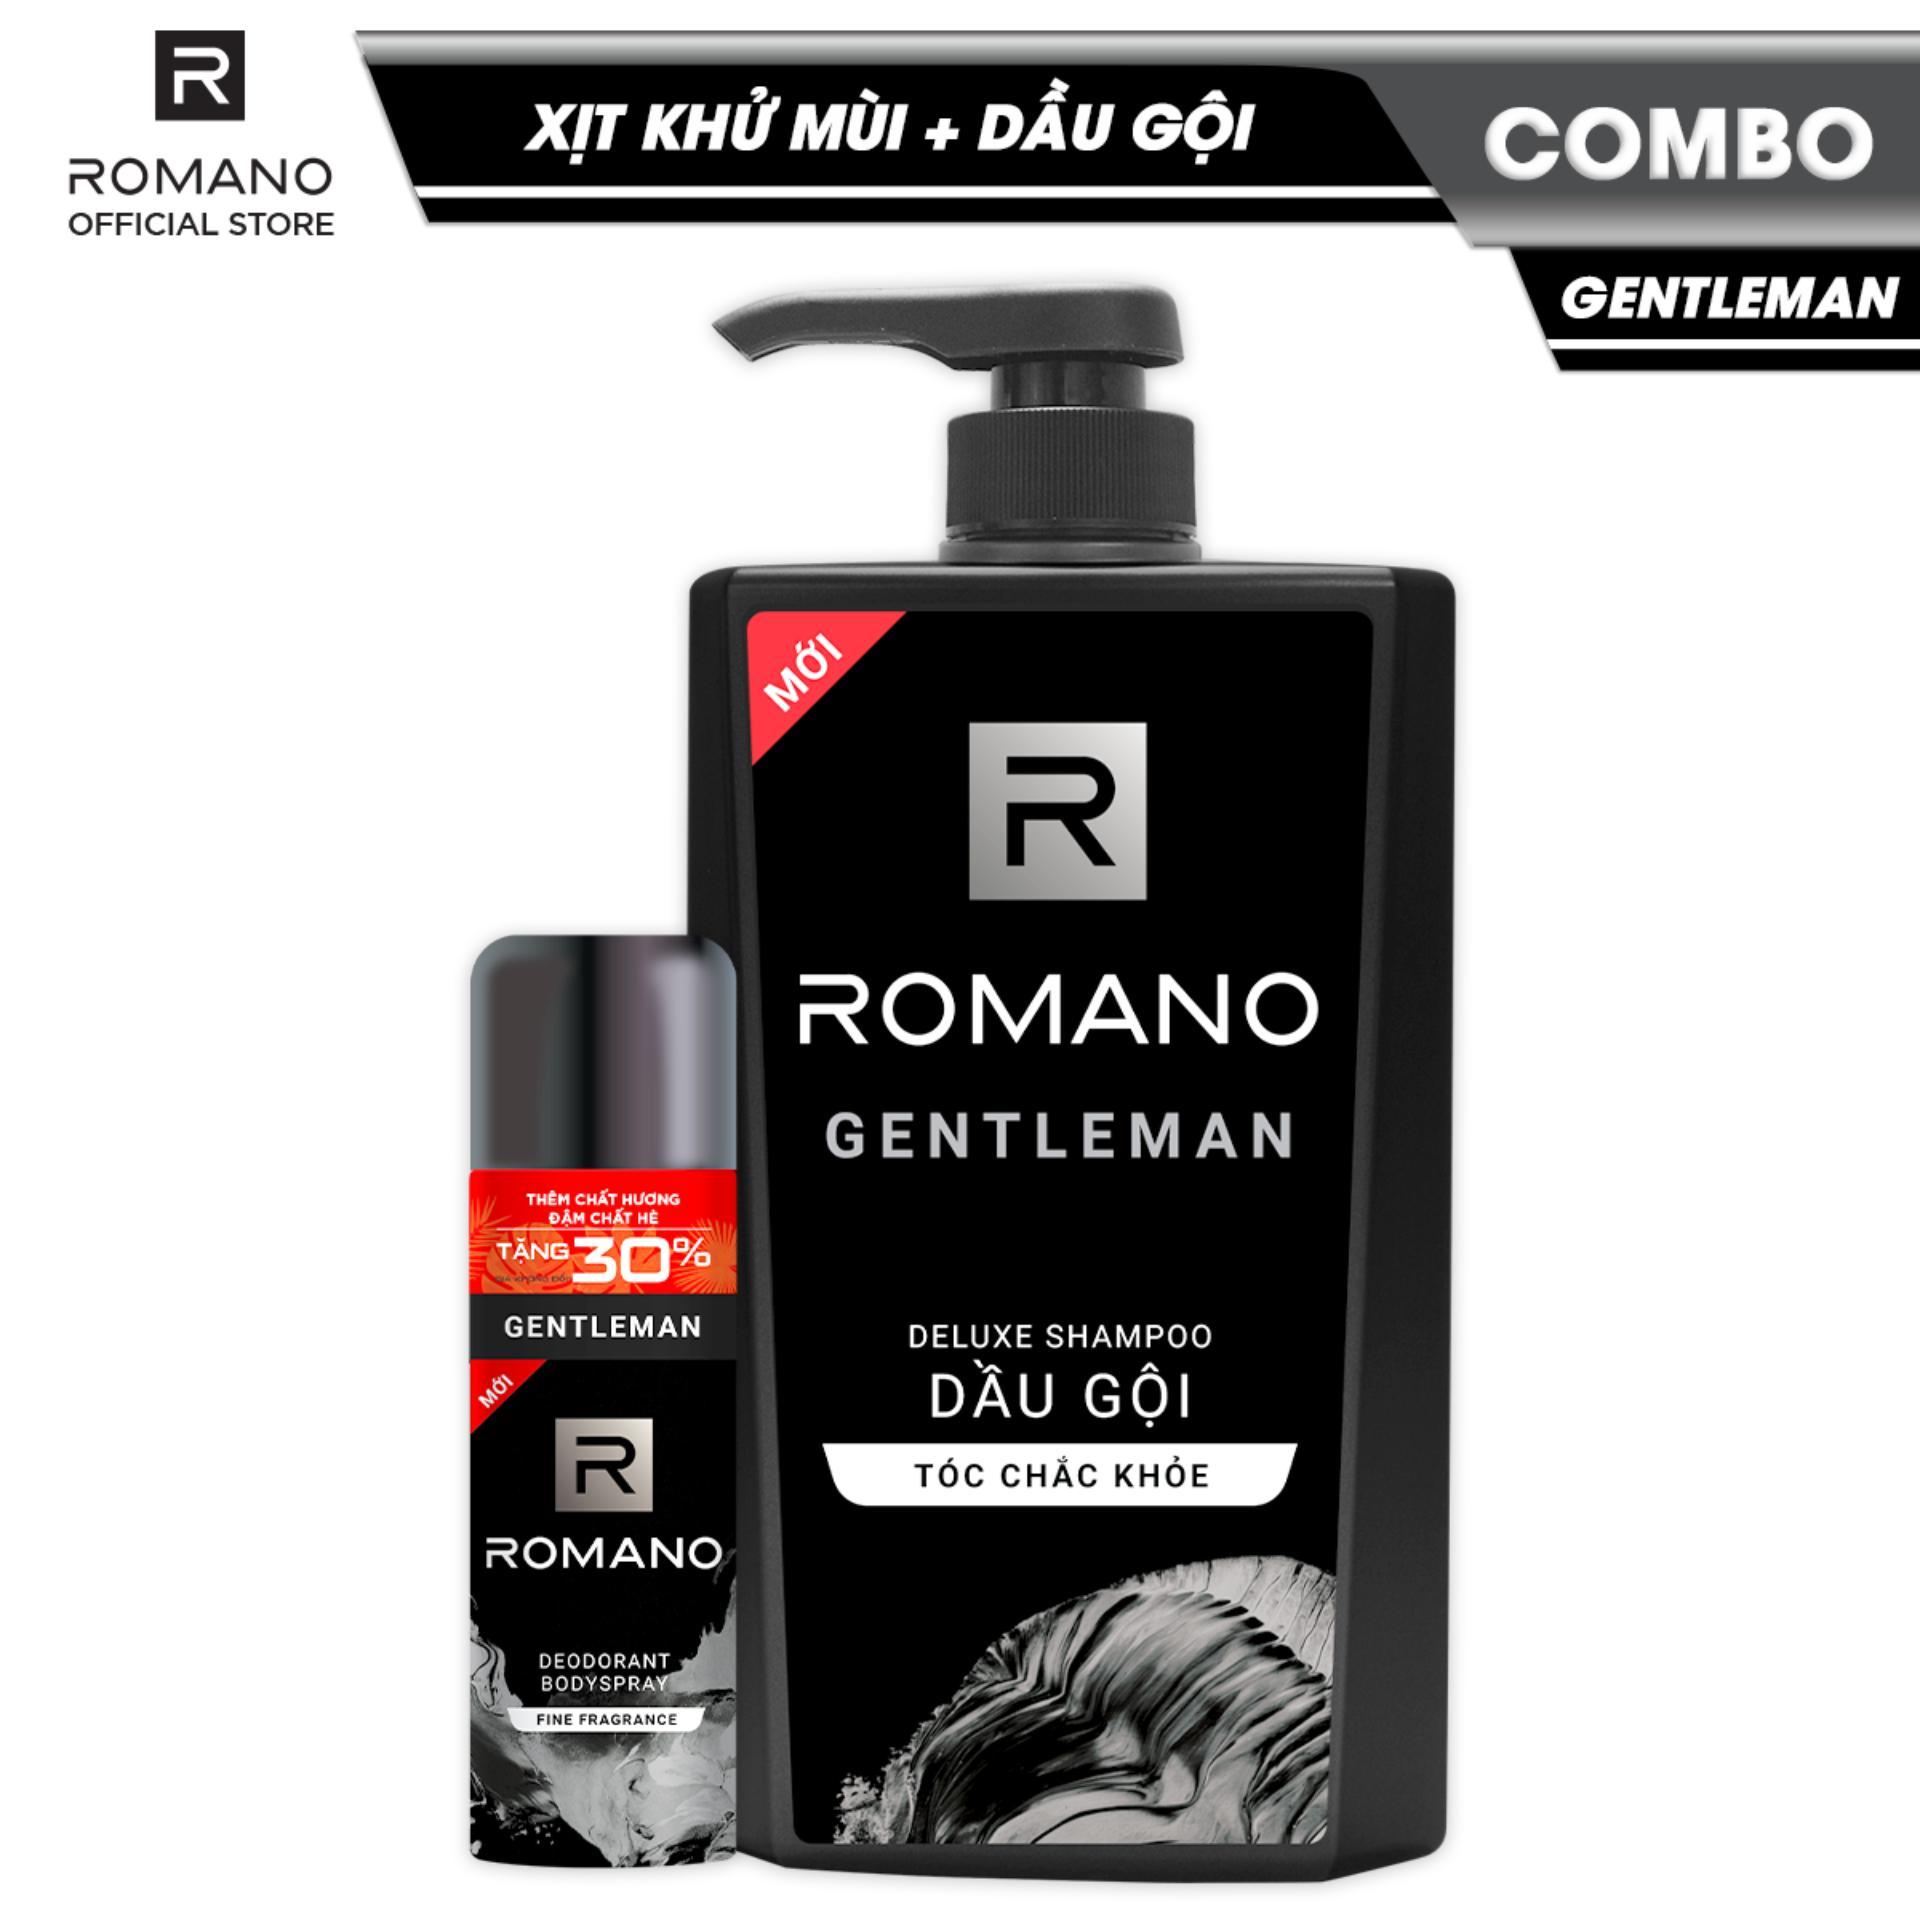 Combo Romano Gentleman: Xịt toàn thân lịch lãm ngăn mồ hôi mùi cơ thể 195ml và dầu gội cao cấp tóc chắc khỏe 650g